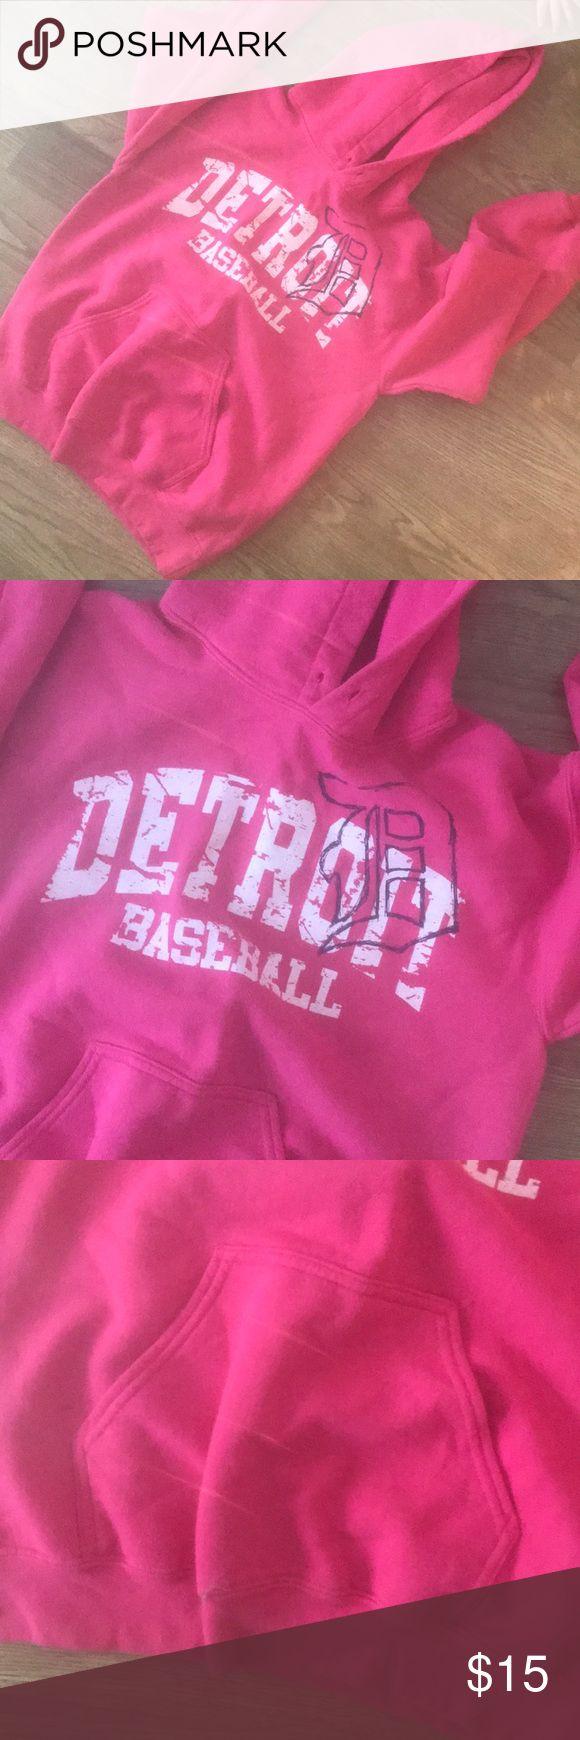 Detroit Tigers Hoodie Comfy pink Detroit baseball hoodie. Good condition just missing strings in hood. Tops Sweatshirts & Hoodies